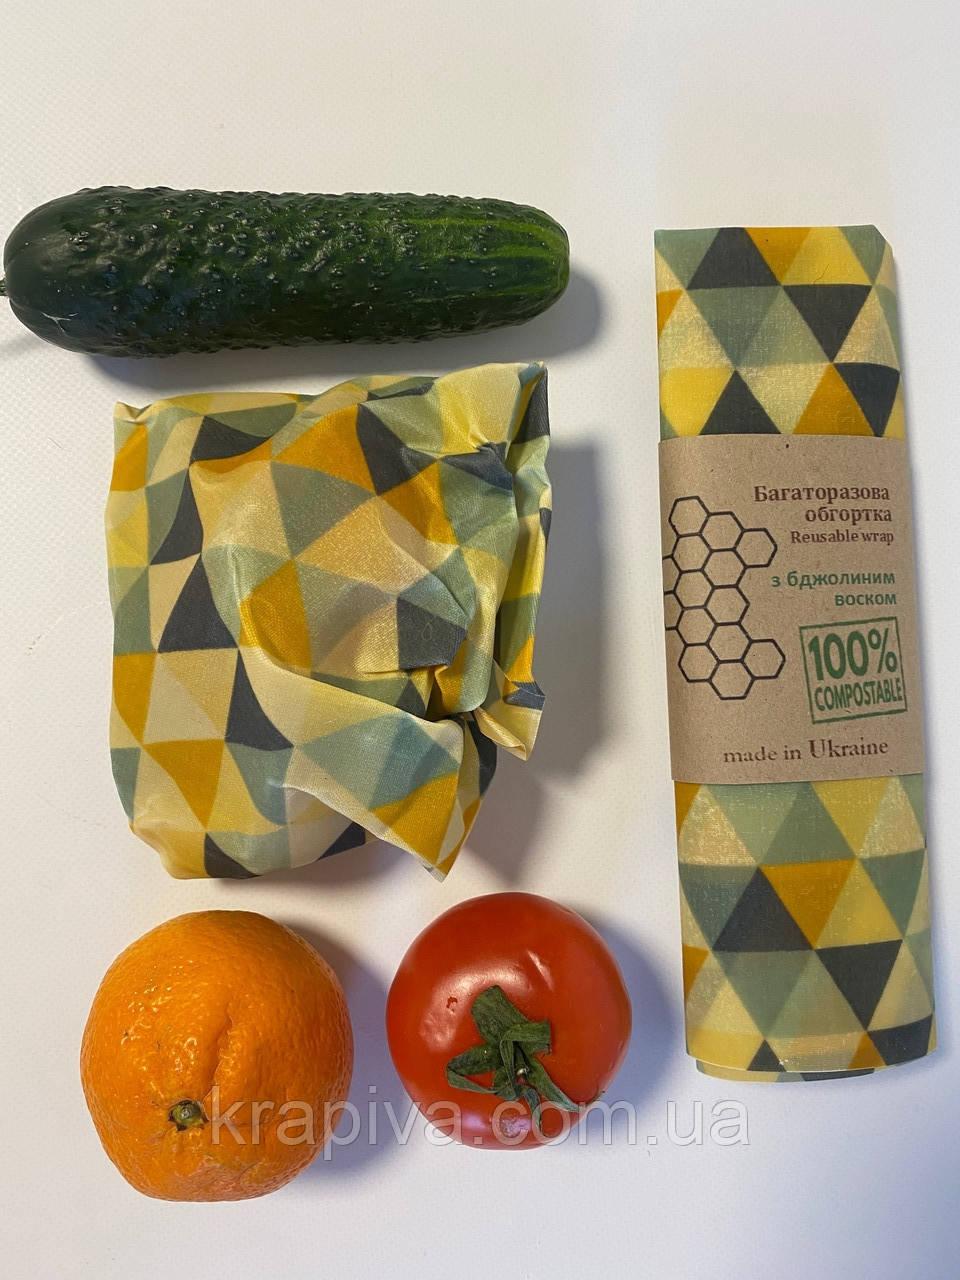 Многоразовая обертка салфетка для продуктов, вощені серветки, екопакування